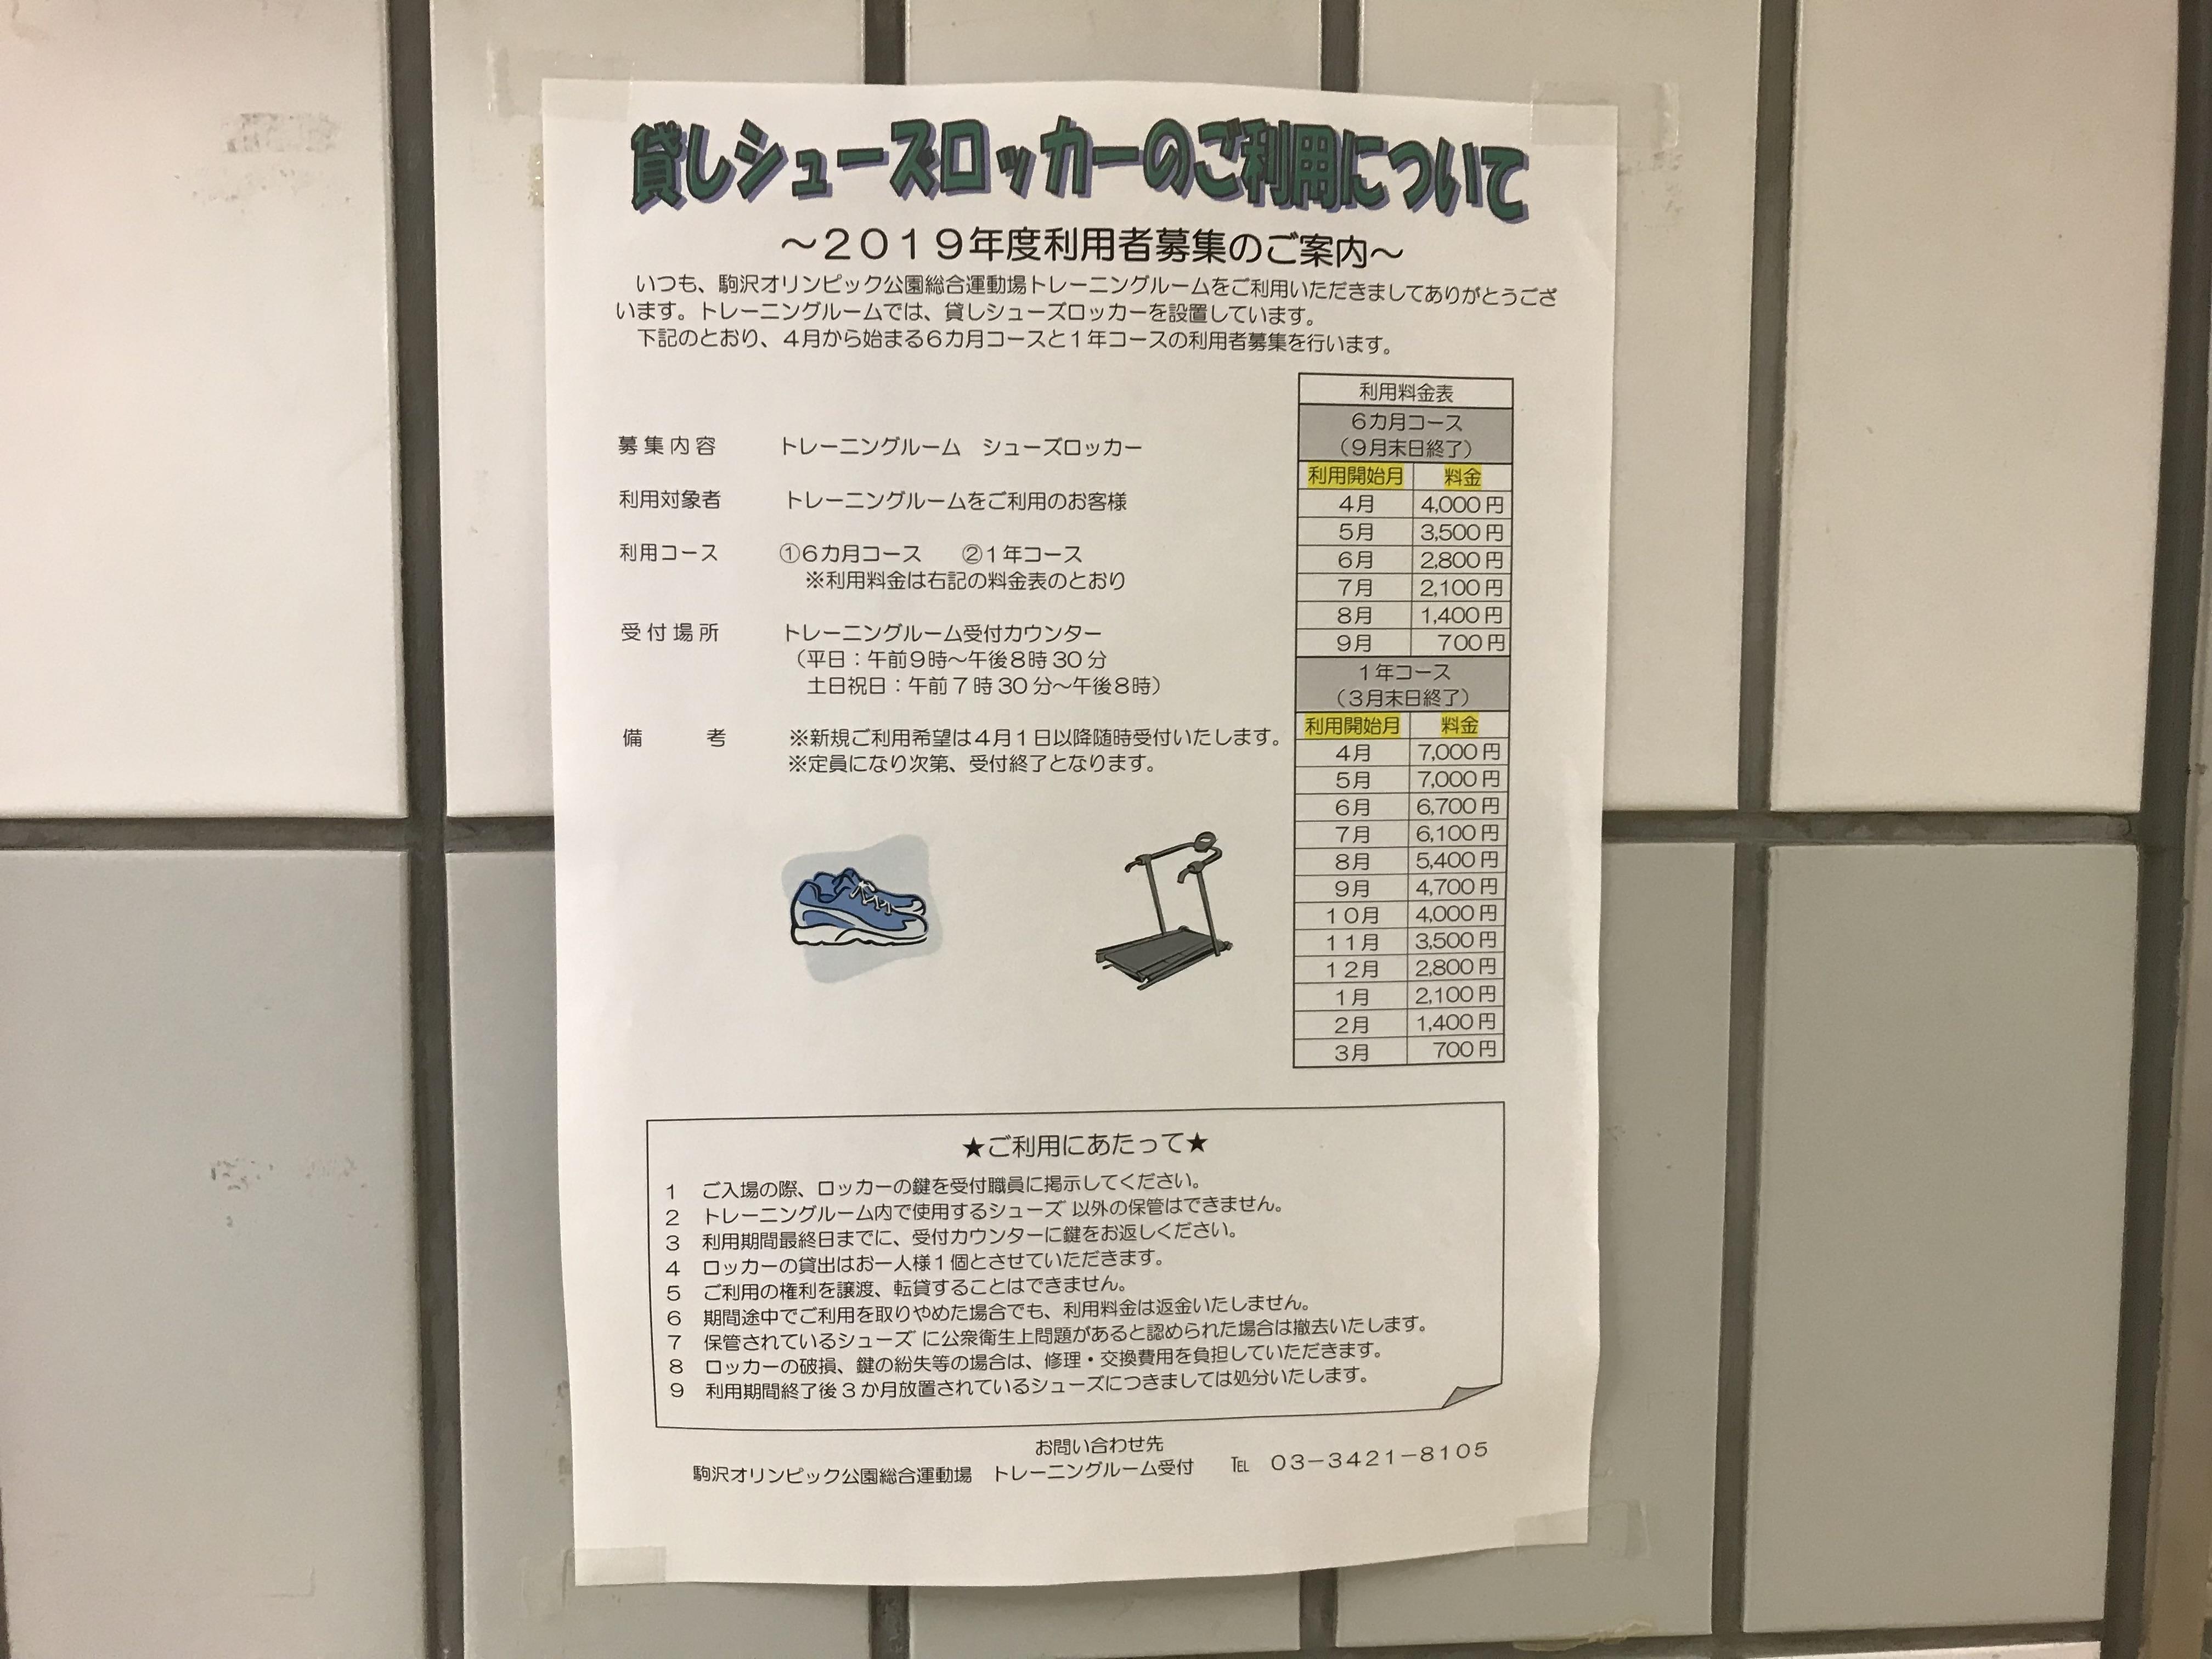 komazawa-run